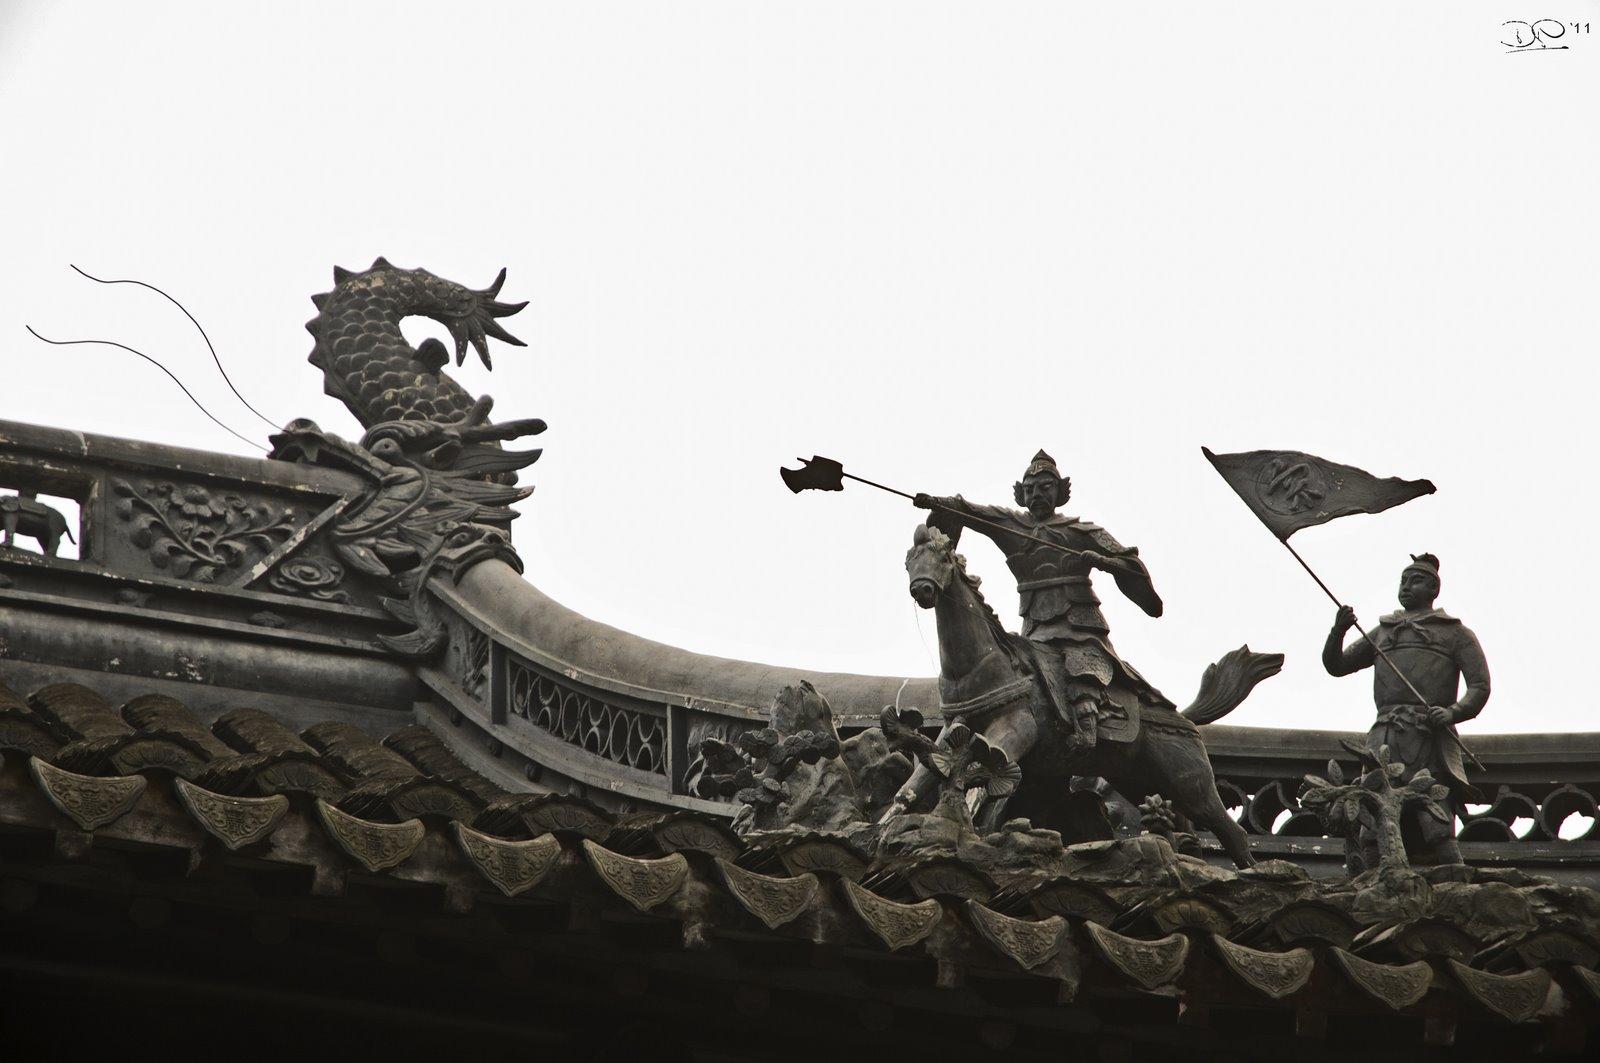 Shanghai - 21